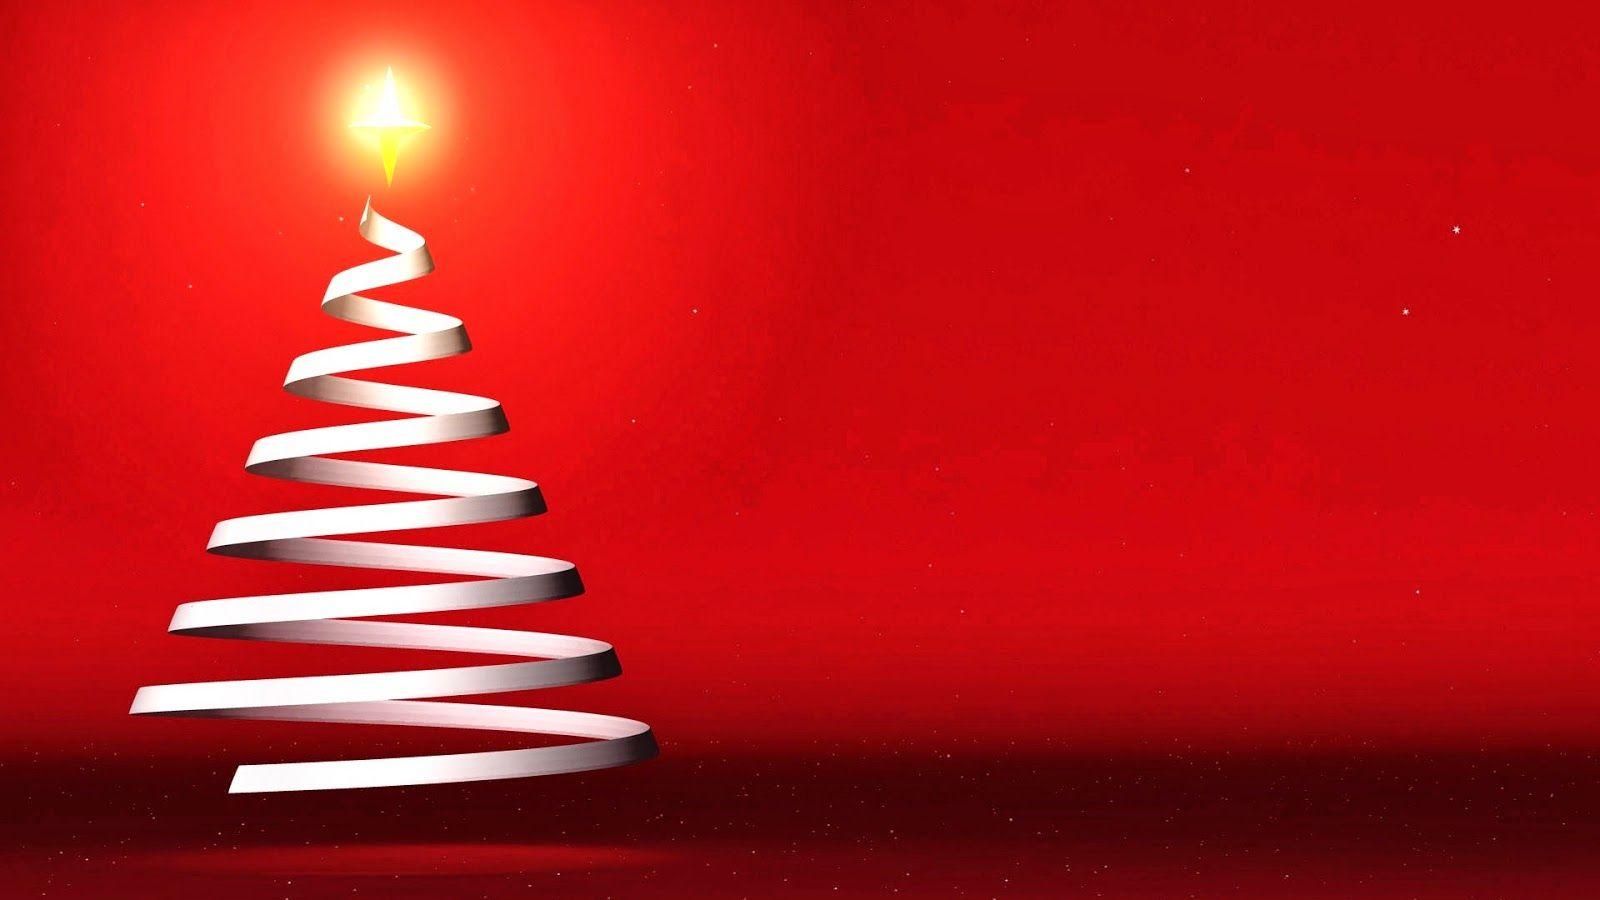 Fondos De Navidad Blanco Para Fondo En Hd Gratis 13 Hd Wallpapers Fondos Navidad Navidad Blanca Arbol De Navidad